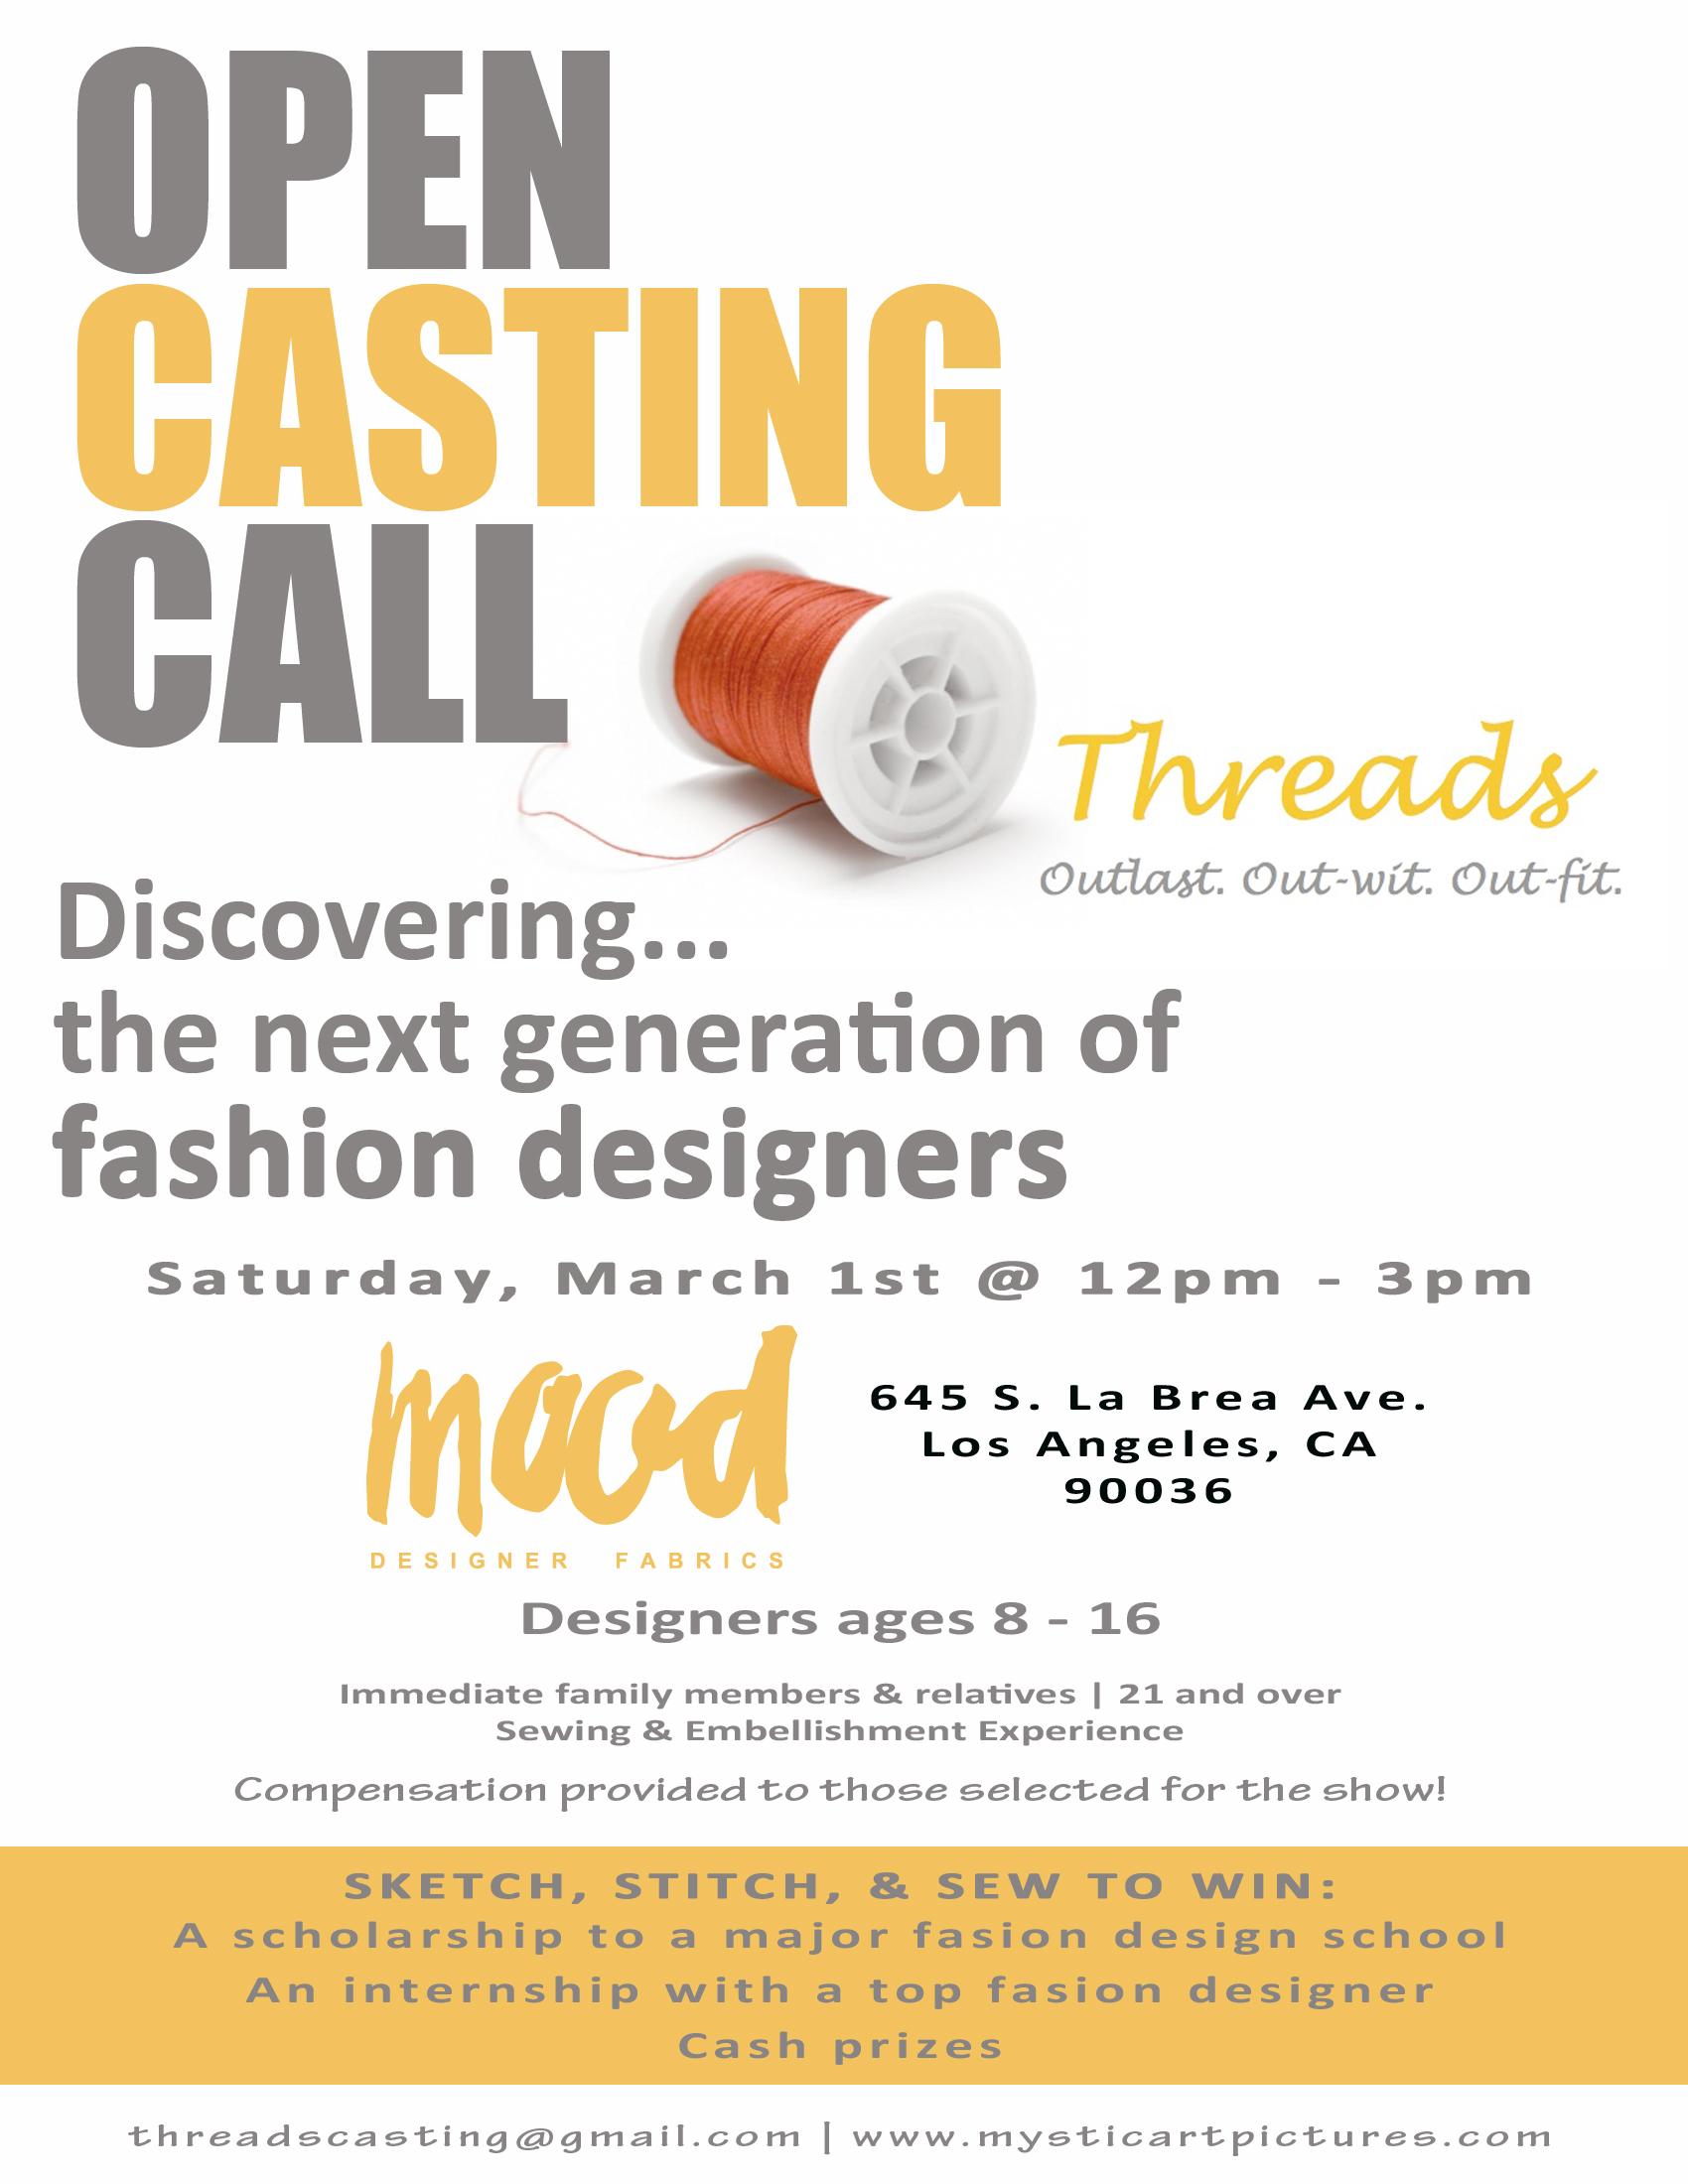 Fashion Designer Casting Call